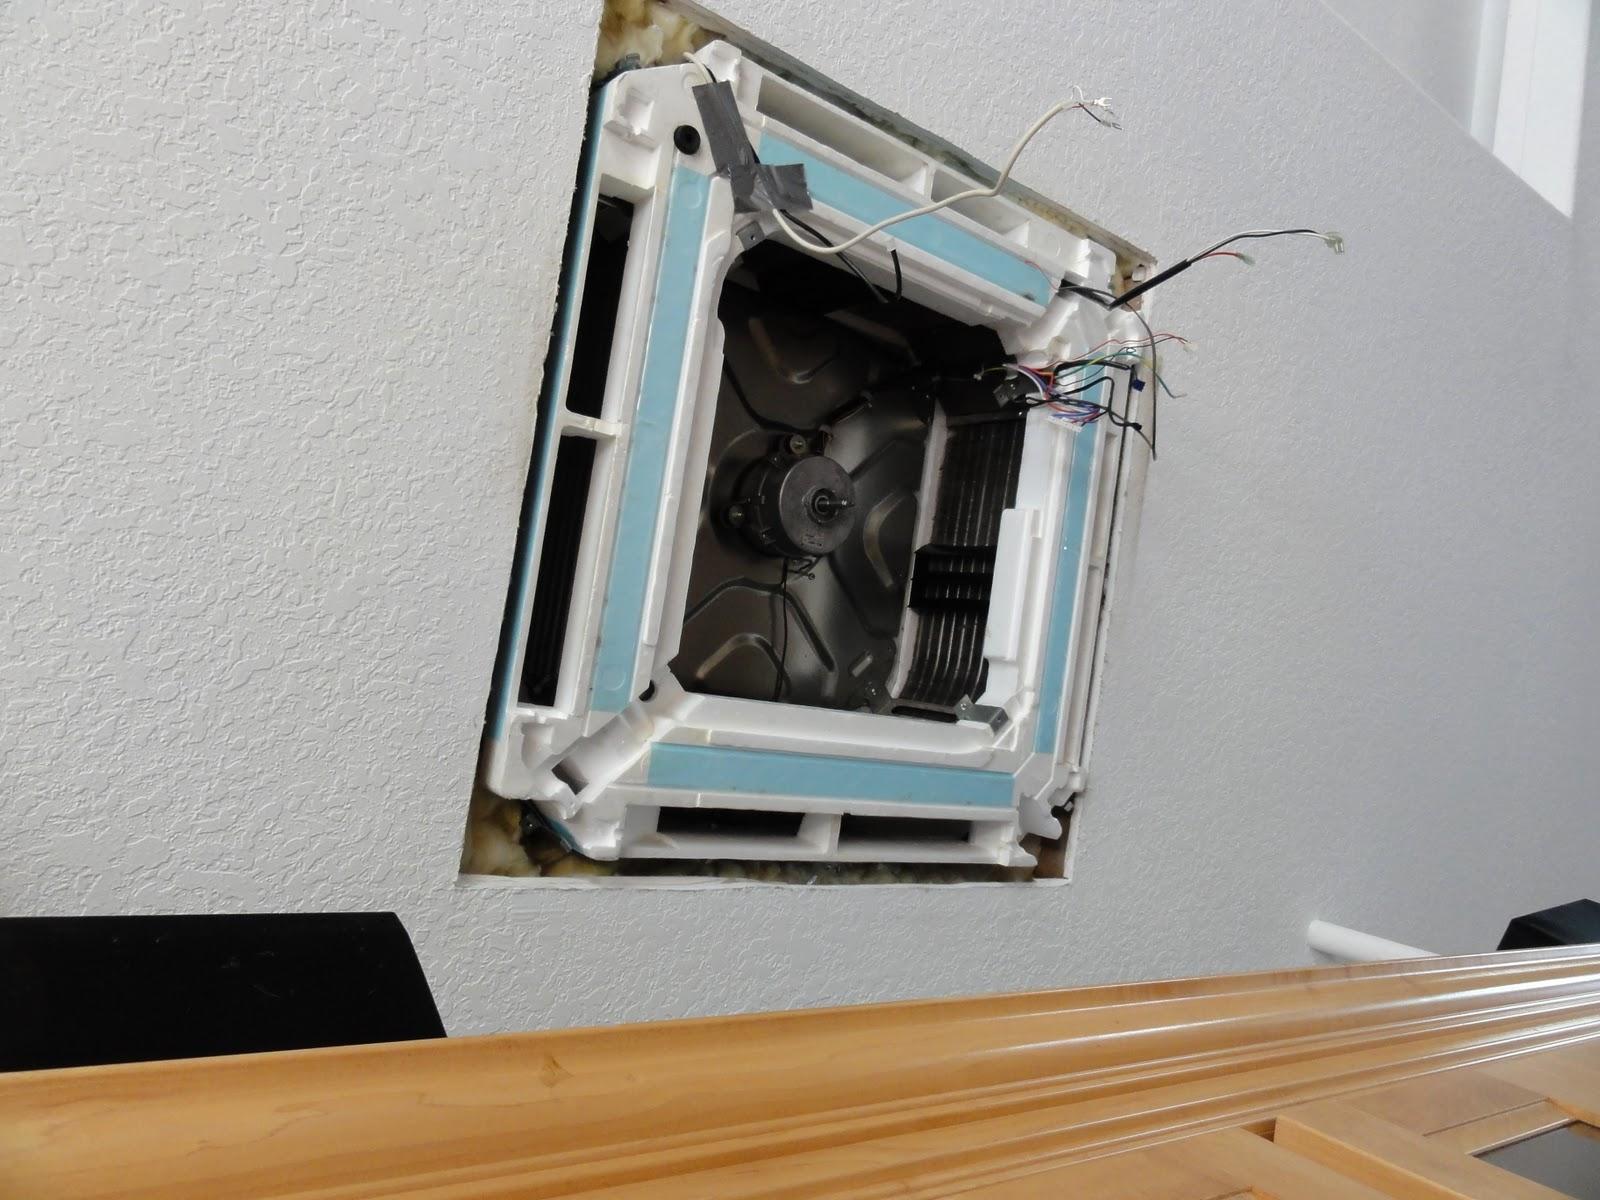 Collection Ceiling Cassette Mini Split Pictures Home Decoration  #956836